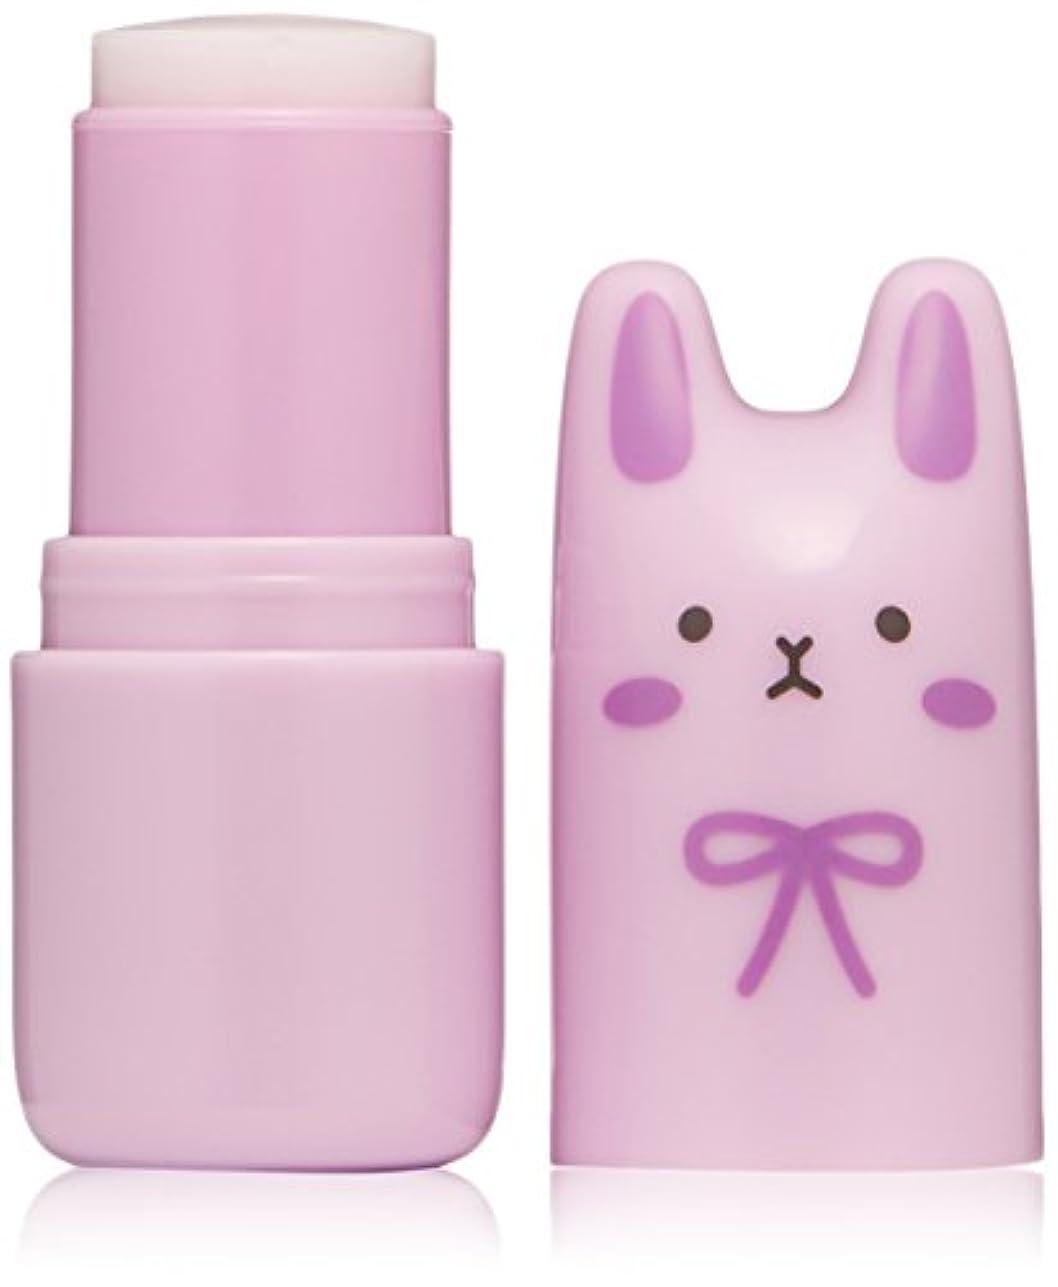 中央値歩行者北米TONYMOLY Pocket Bunny Perfume Bar #03 Bloom Bunny/トニーモリー ポケット バニー パフュームバー #03 ブルームバニー